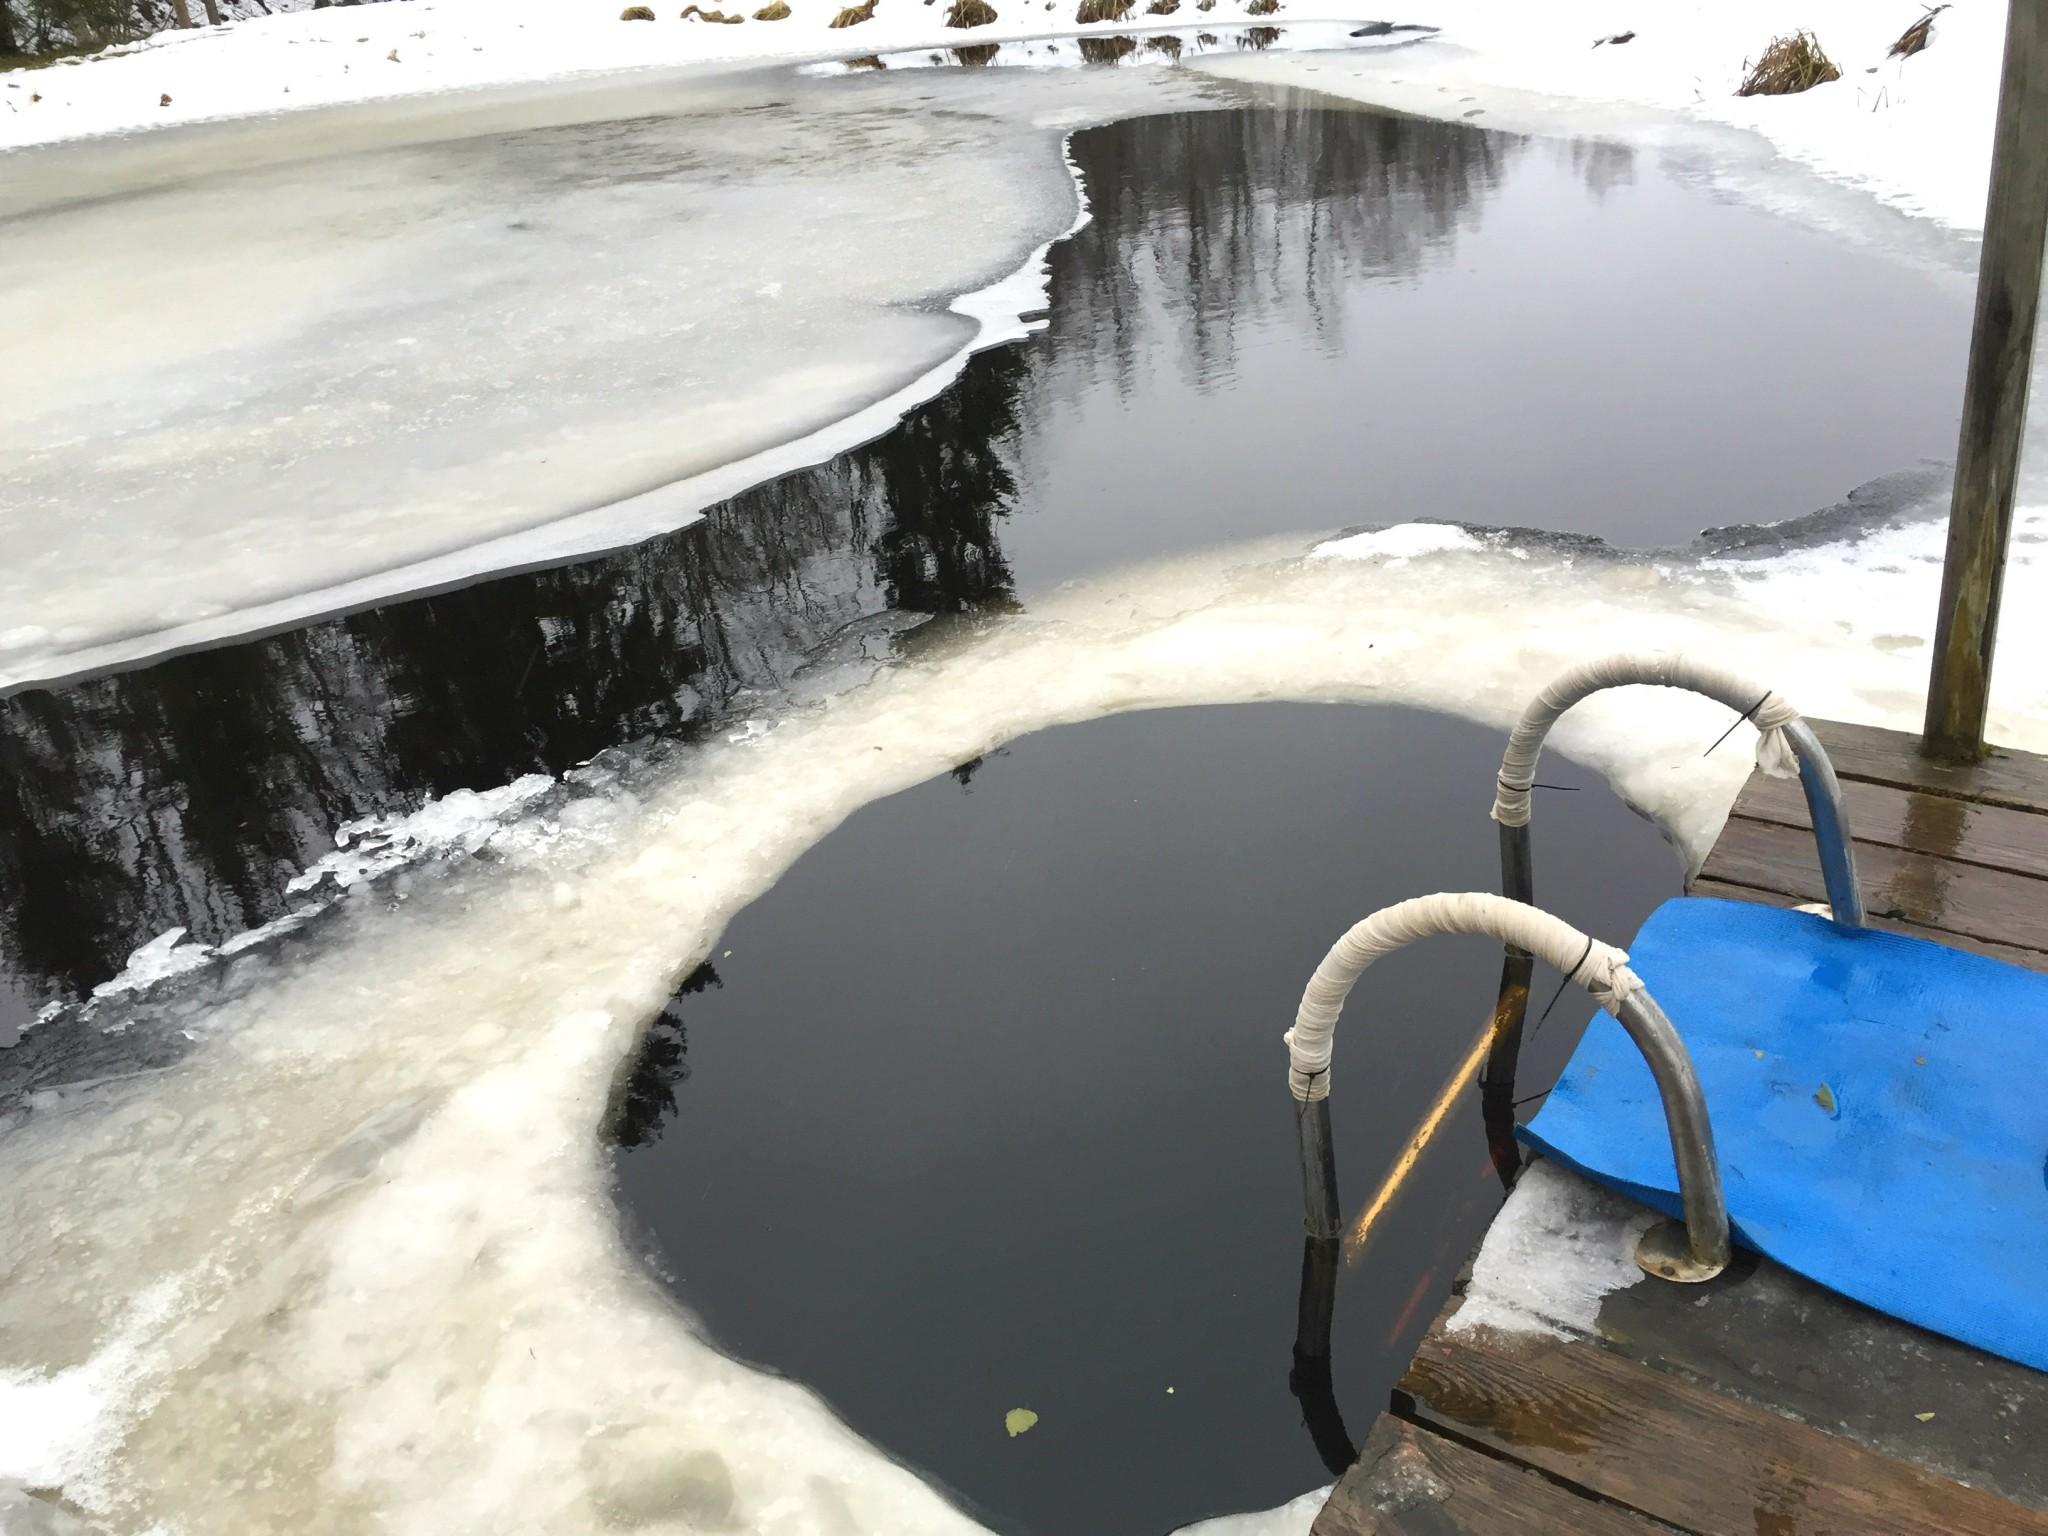 spa hotel ezeri latvia avanto 2